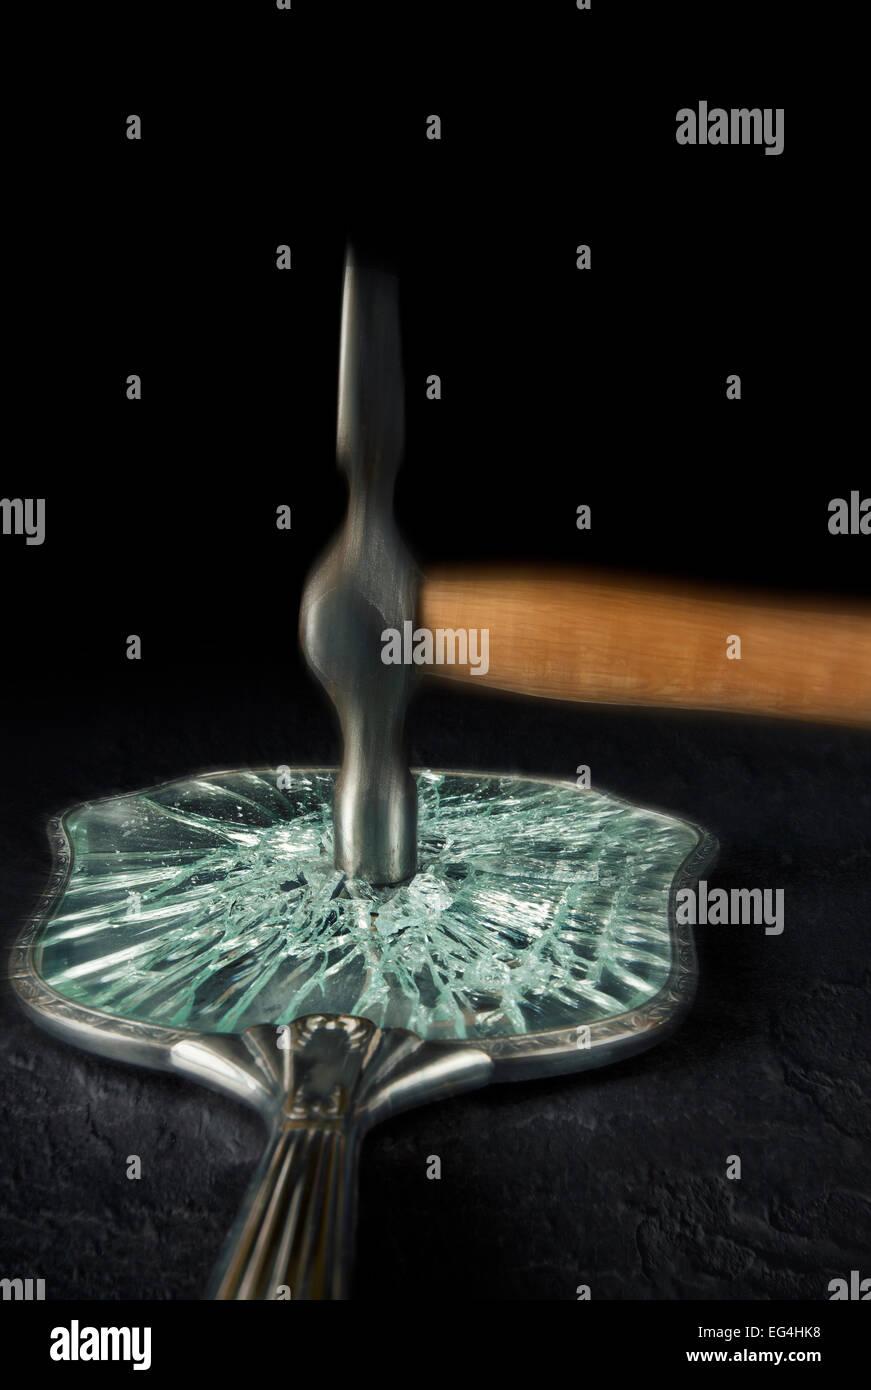 Hammer zertrümmern einen Kosmetikspiegel. Stockbild